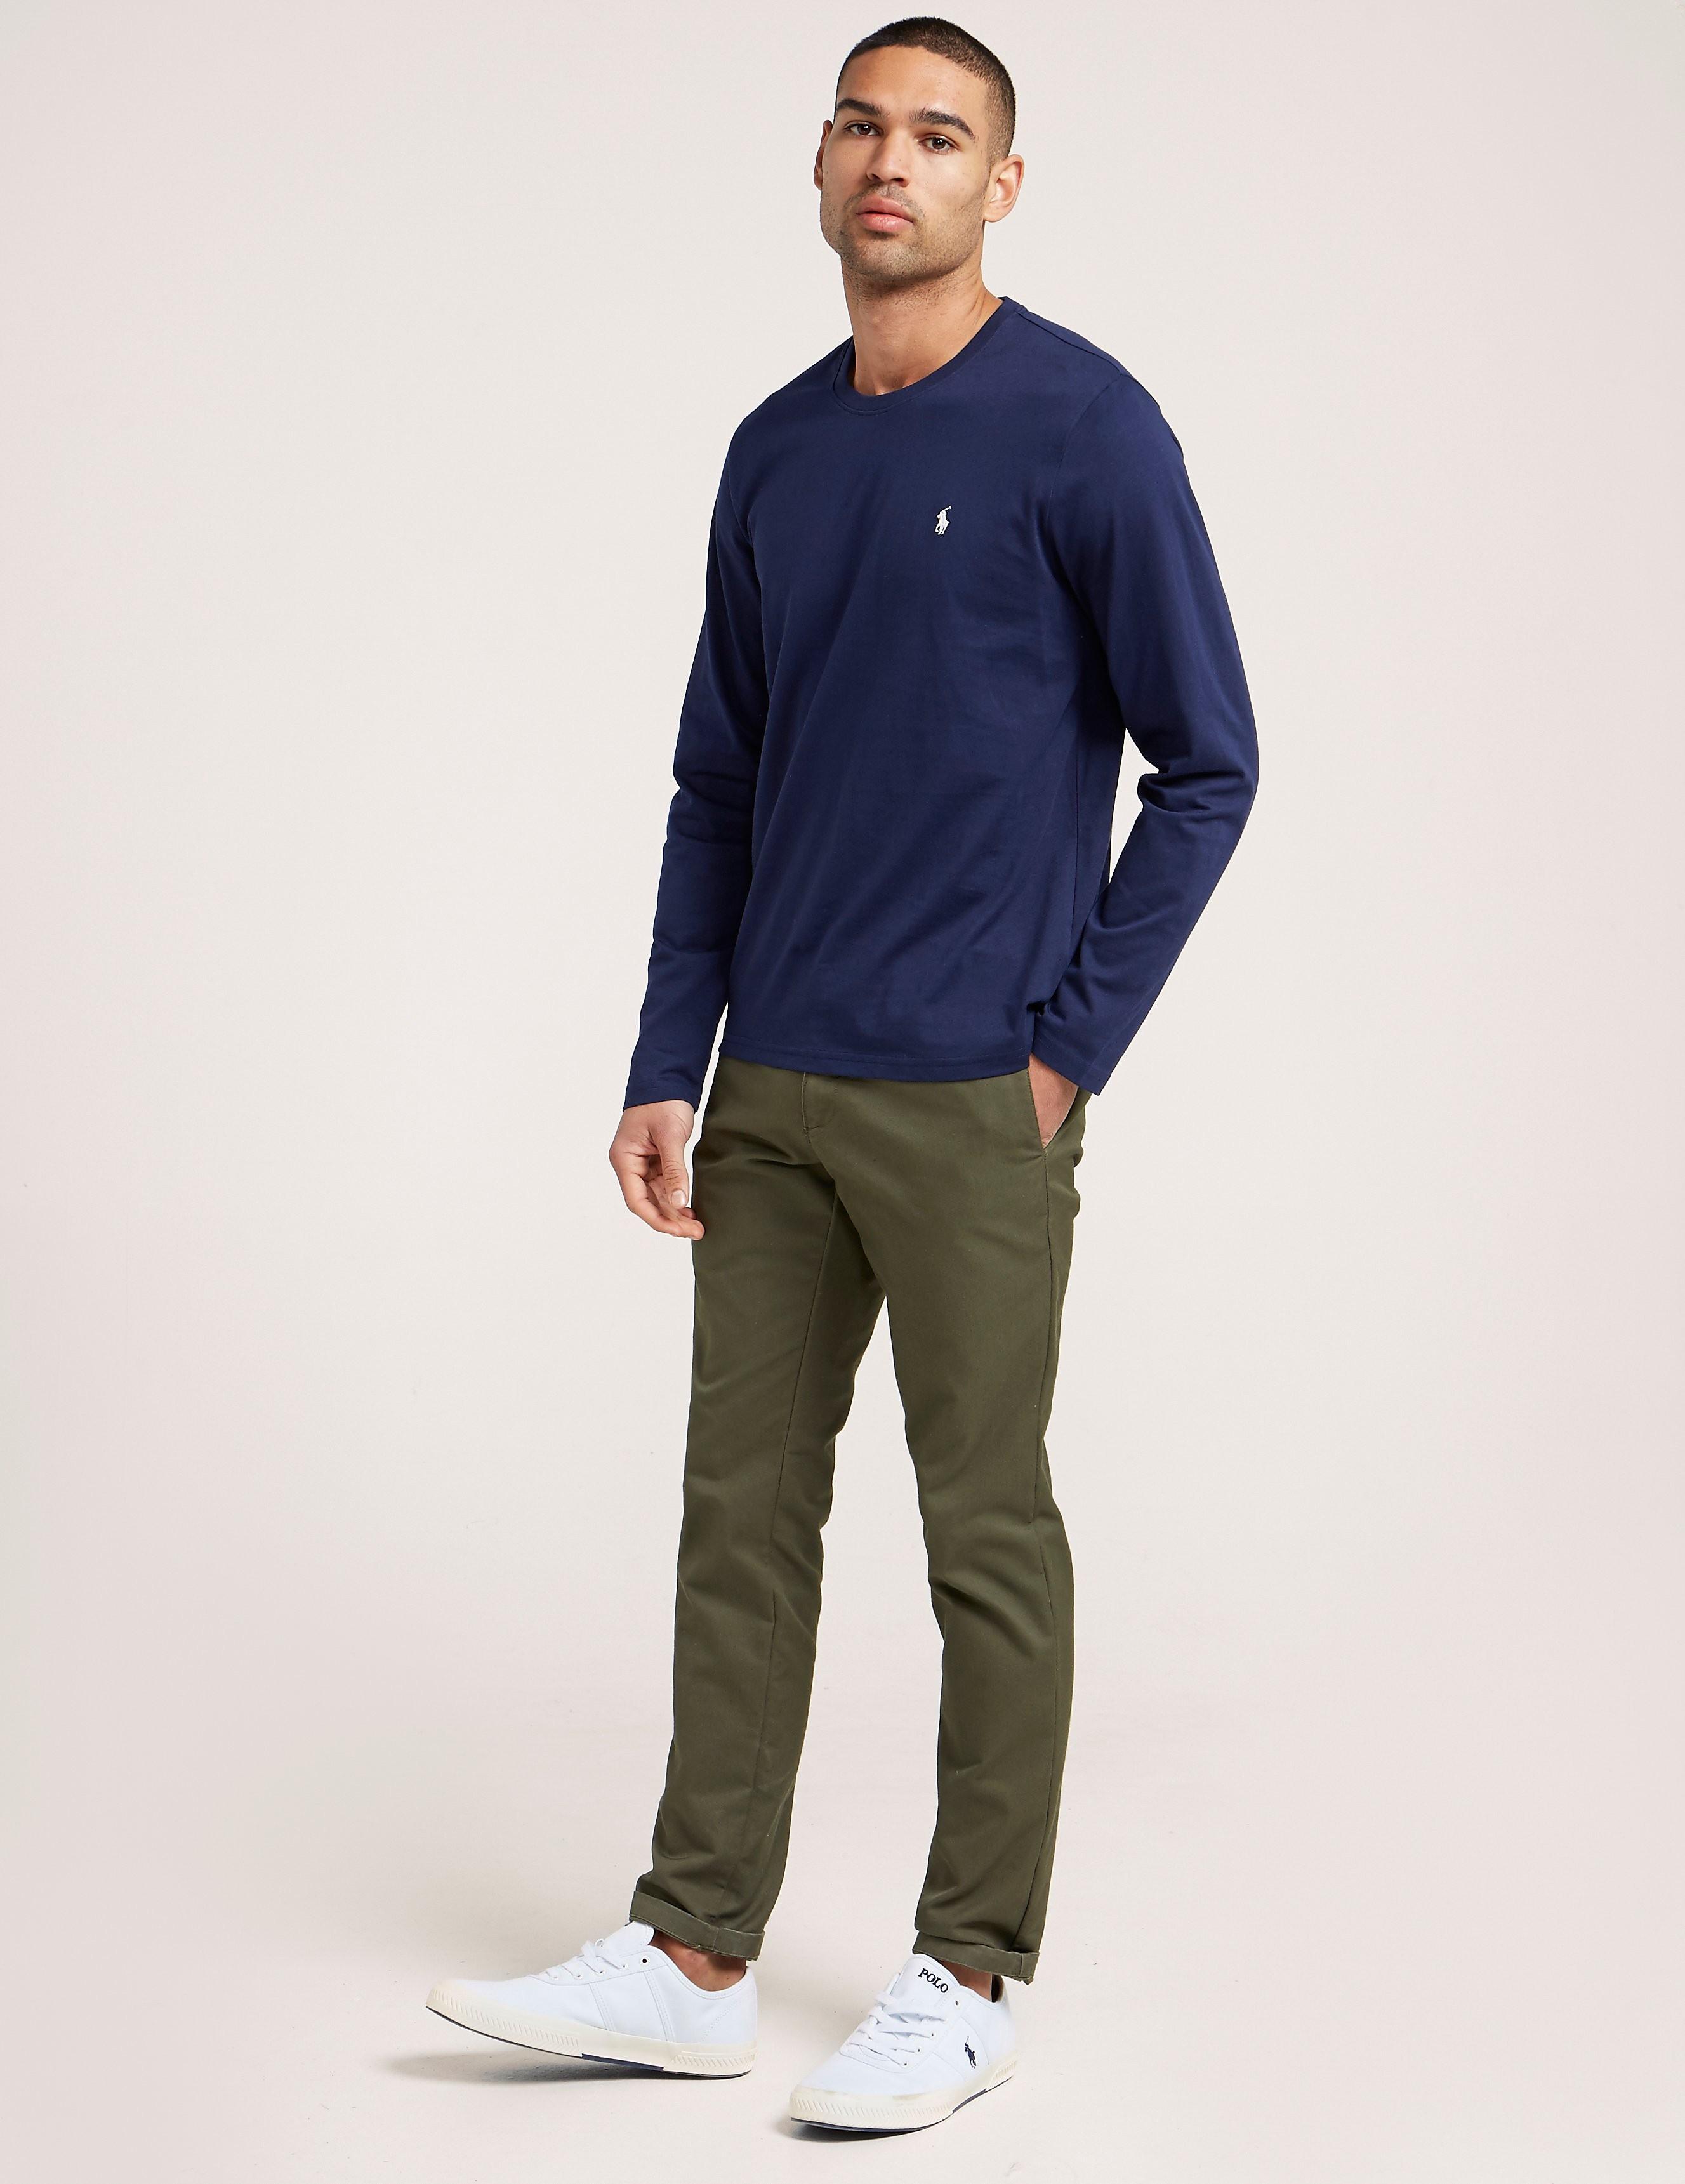 Polo Ralph Lauren T-Shirt Long Sleeve Crew Neck